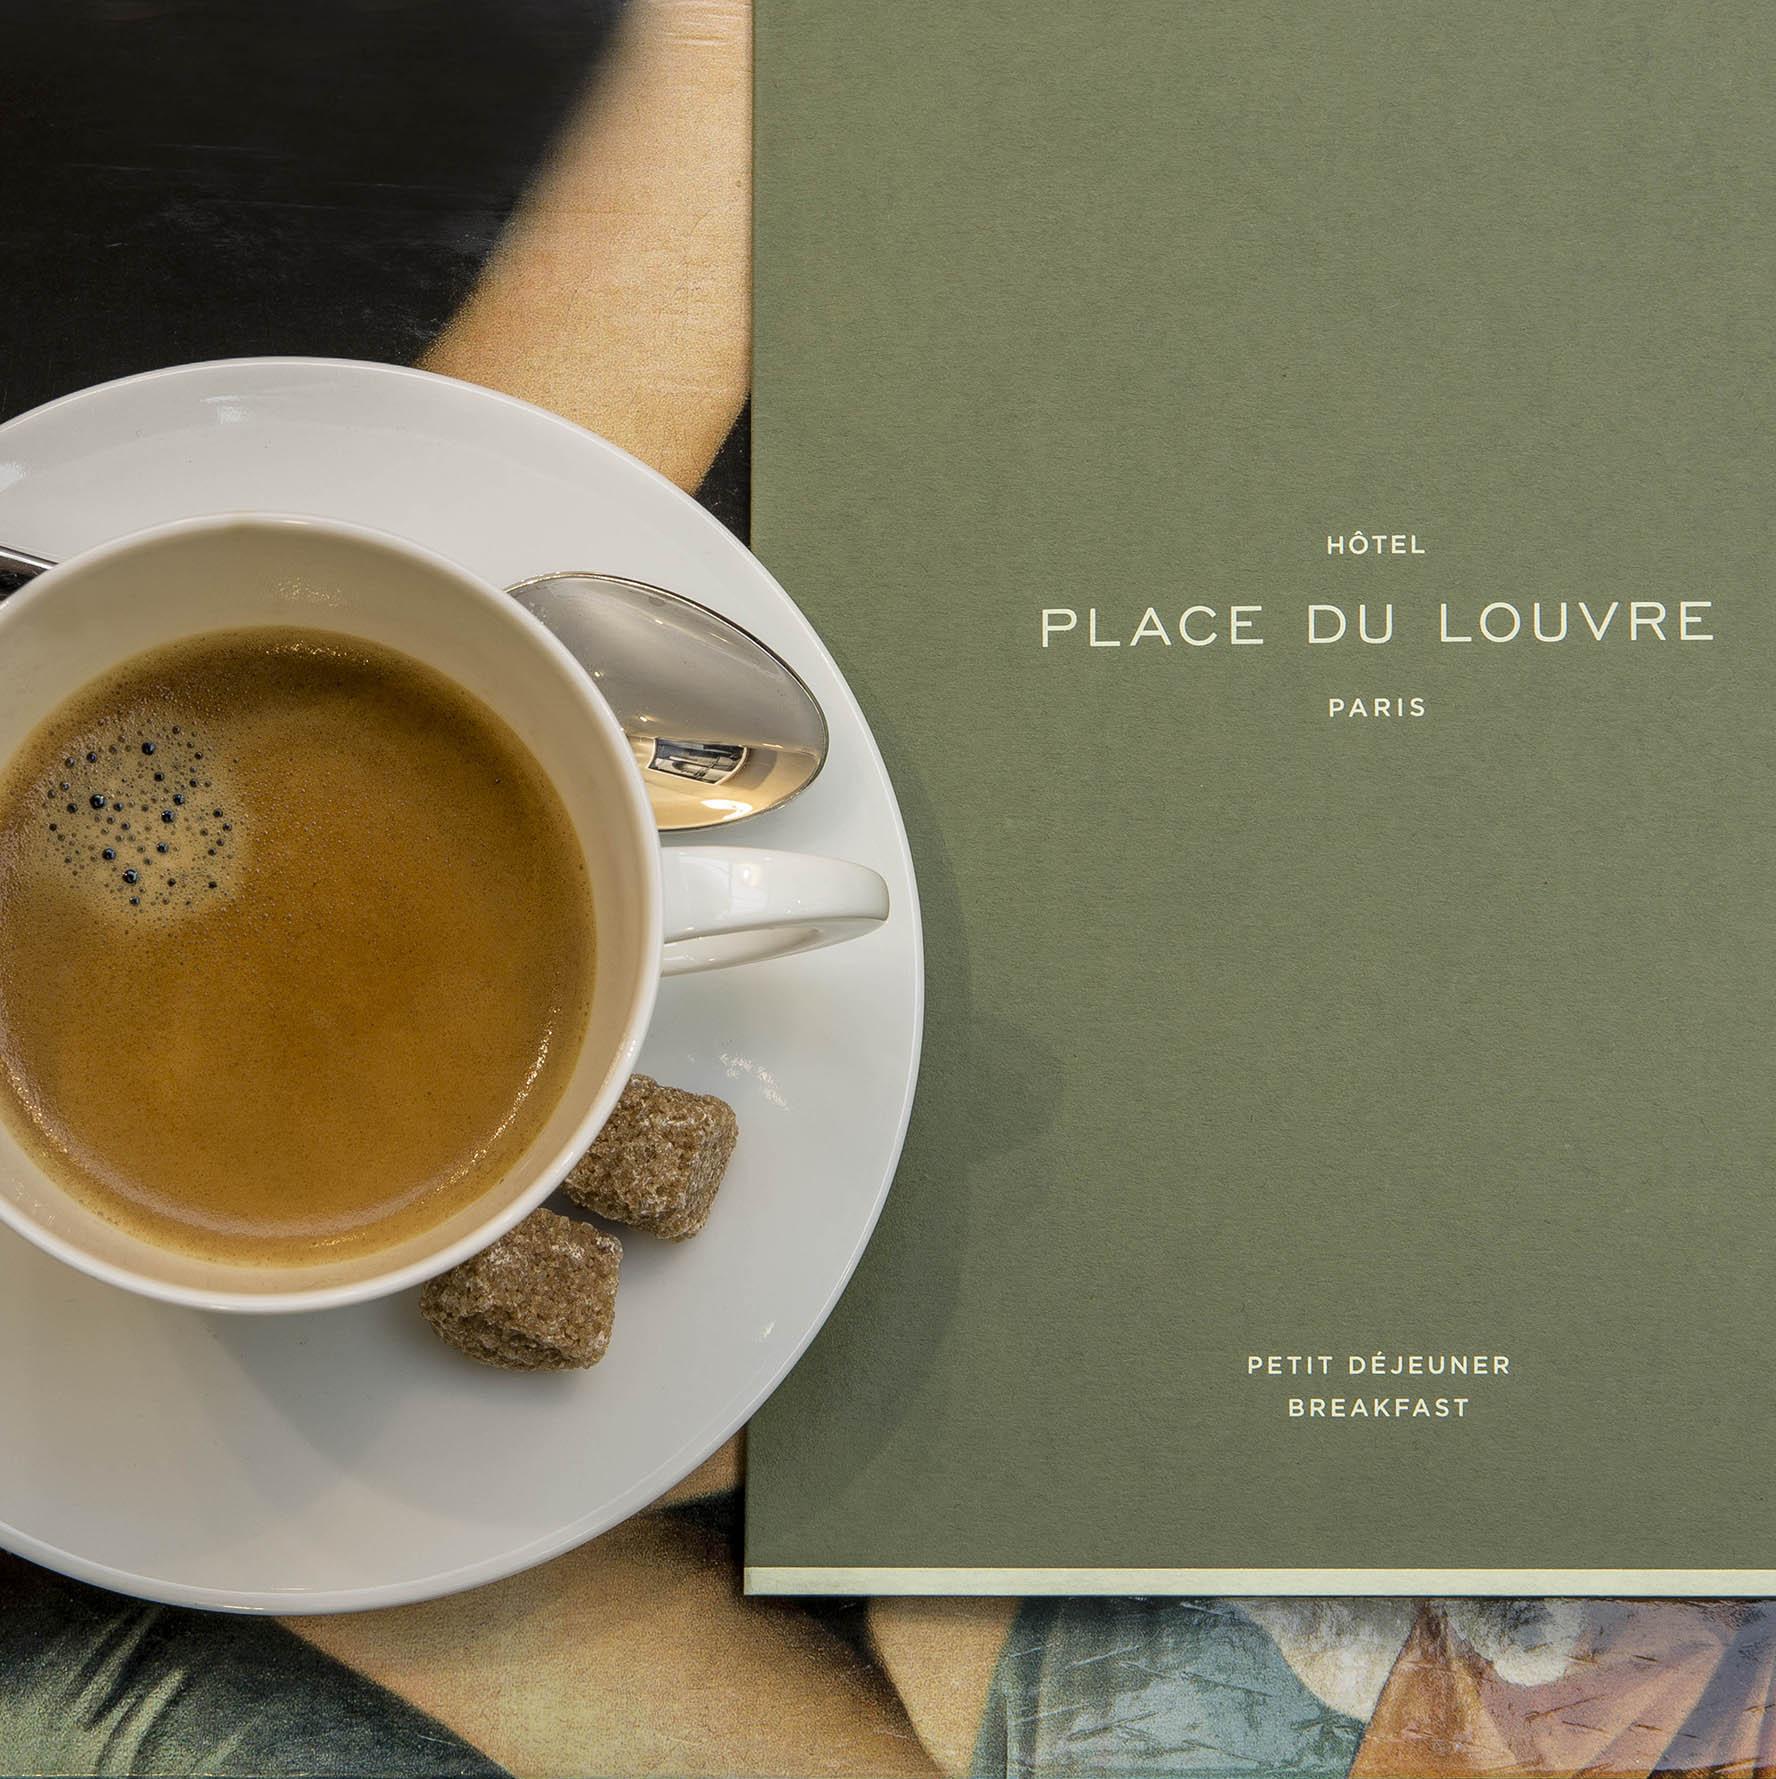 La salle de petit déjeuner à l'Hôtel de la Place du Louvre